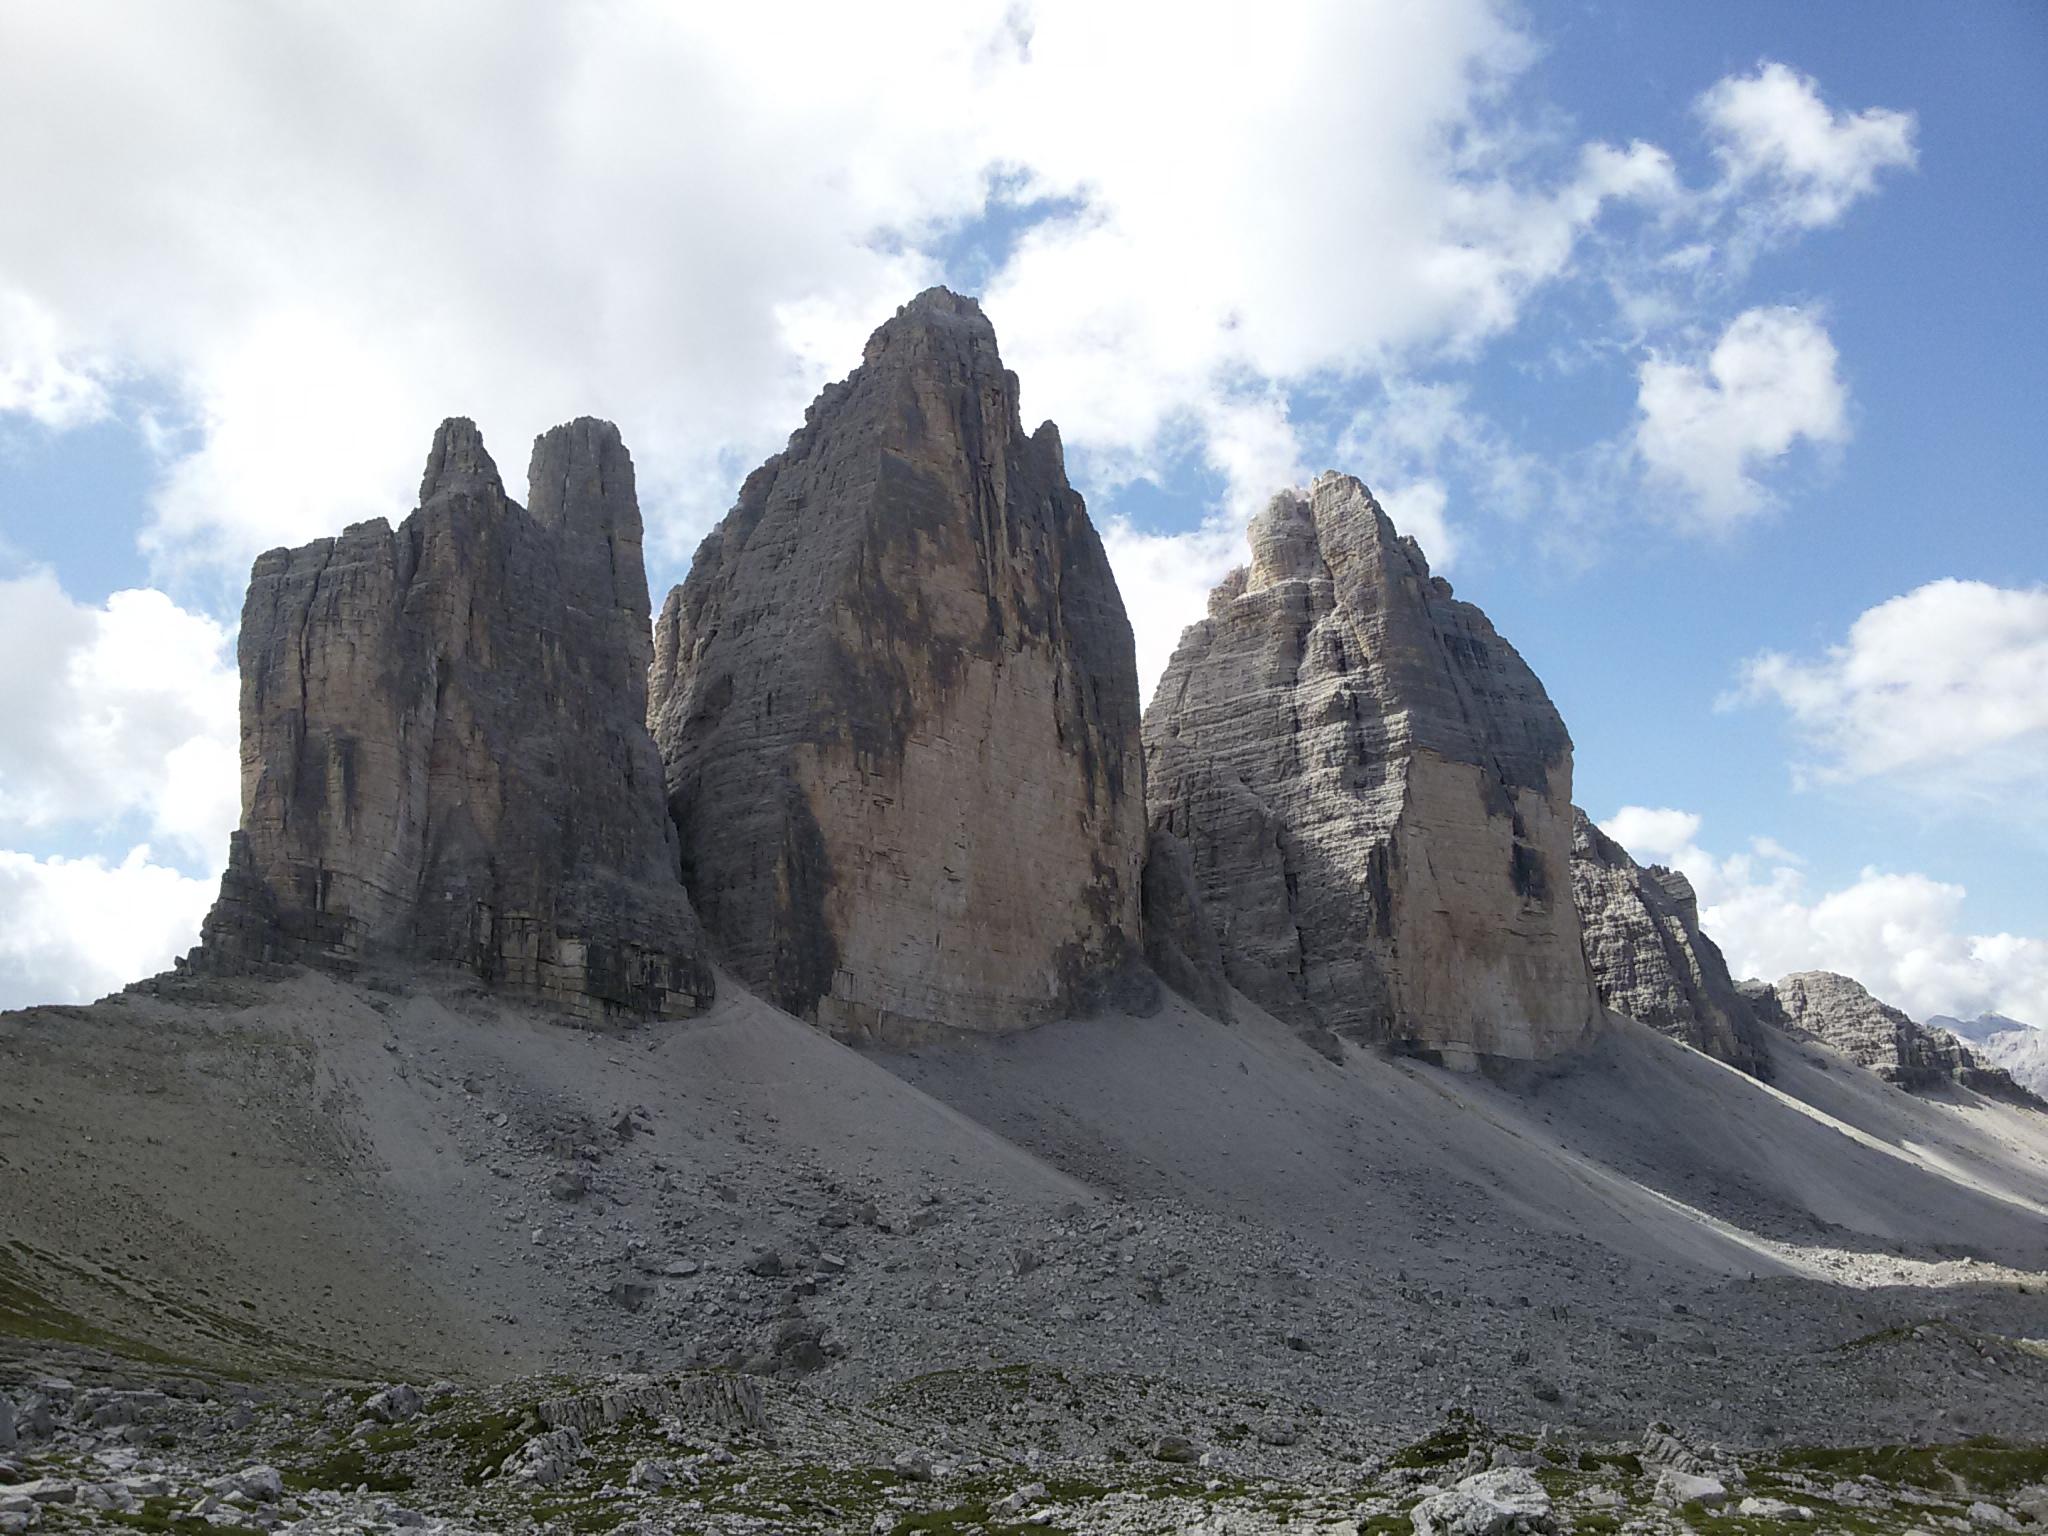 Dolomiti - Le tre cime